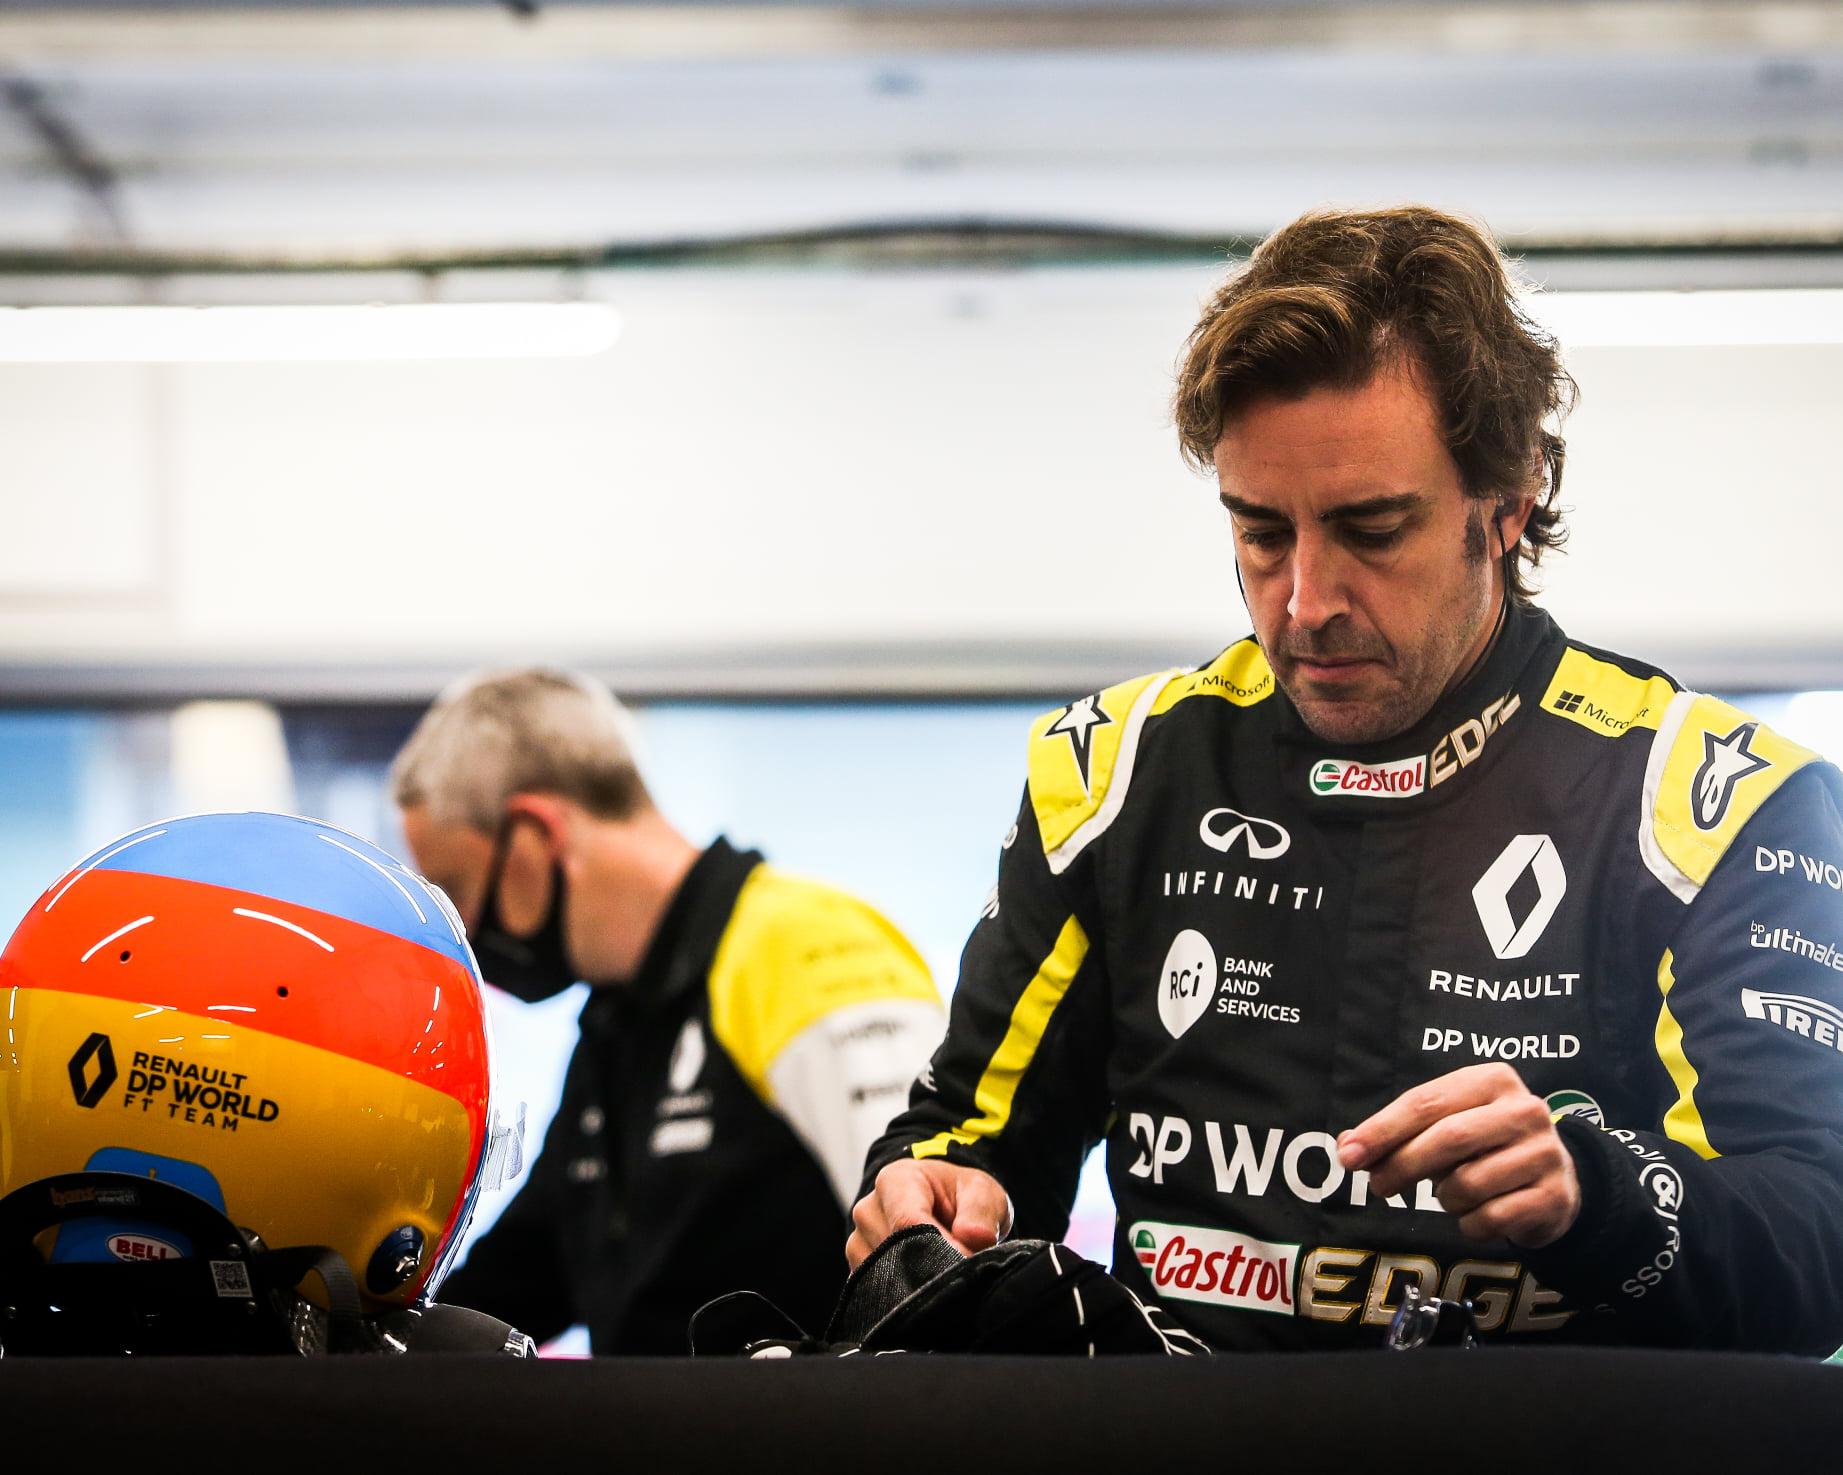 Alonso tendrá otra prueba con Renault en Abu Dhabi